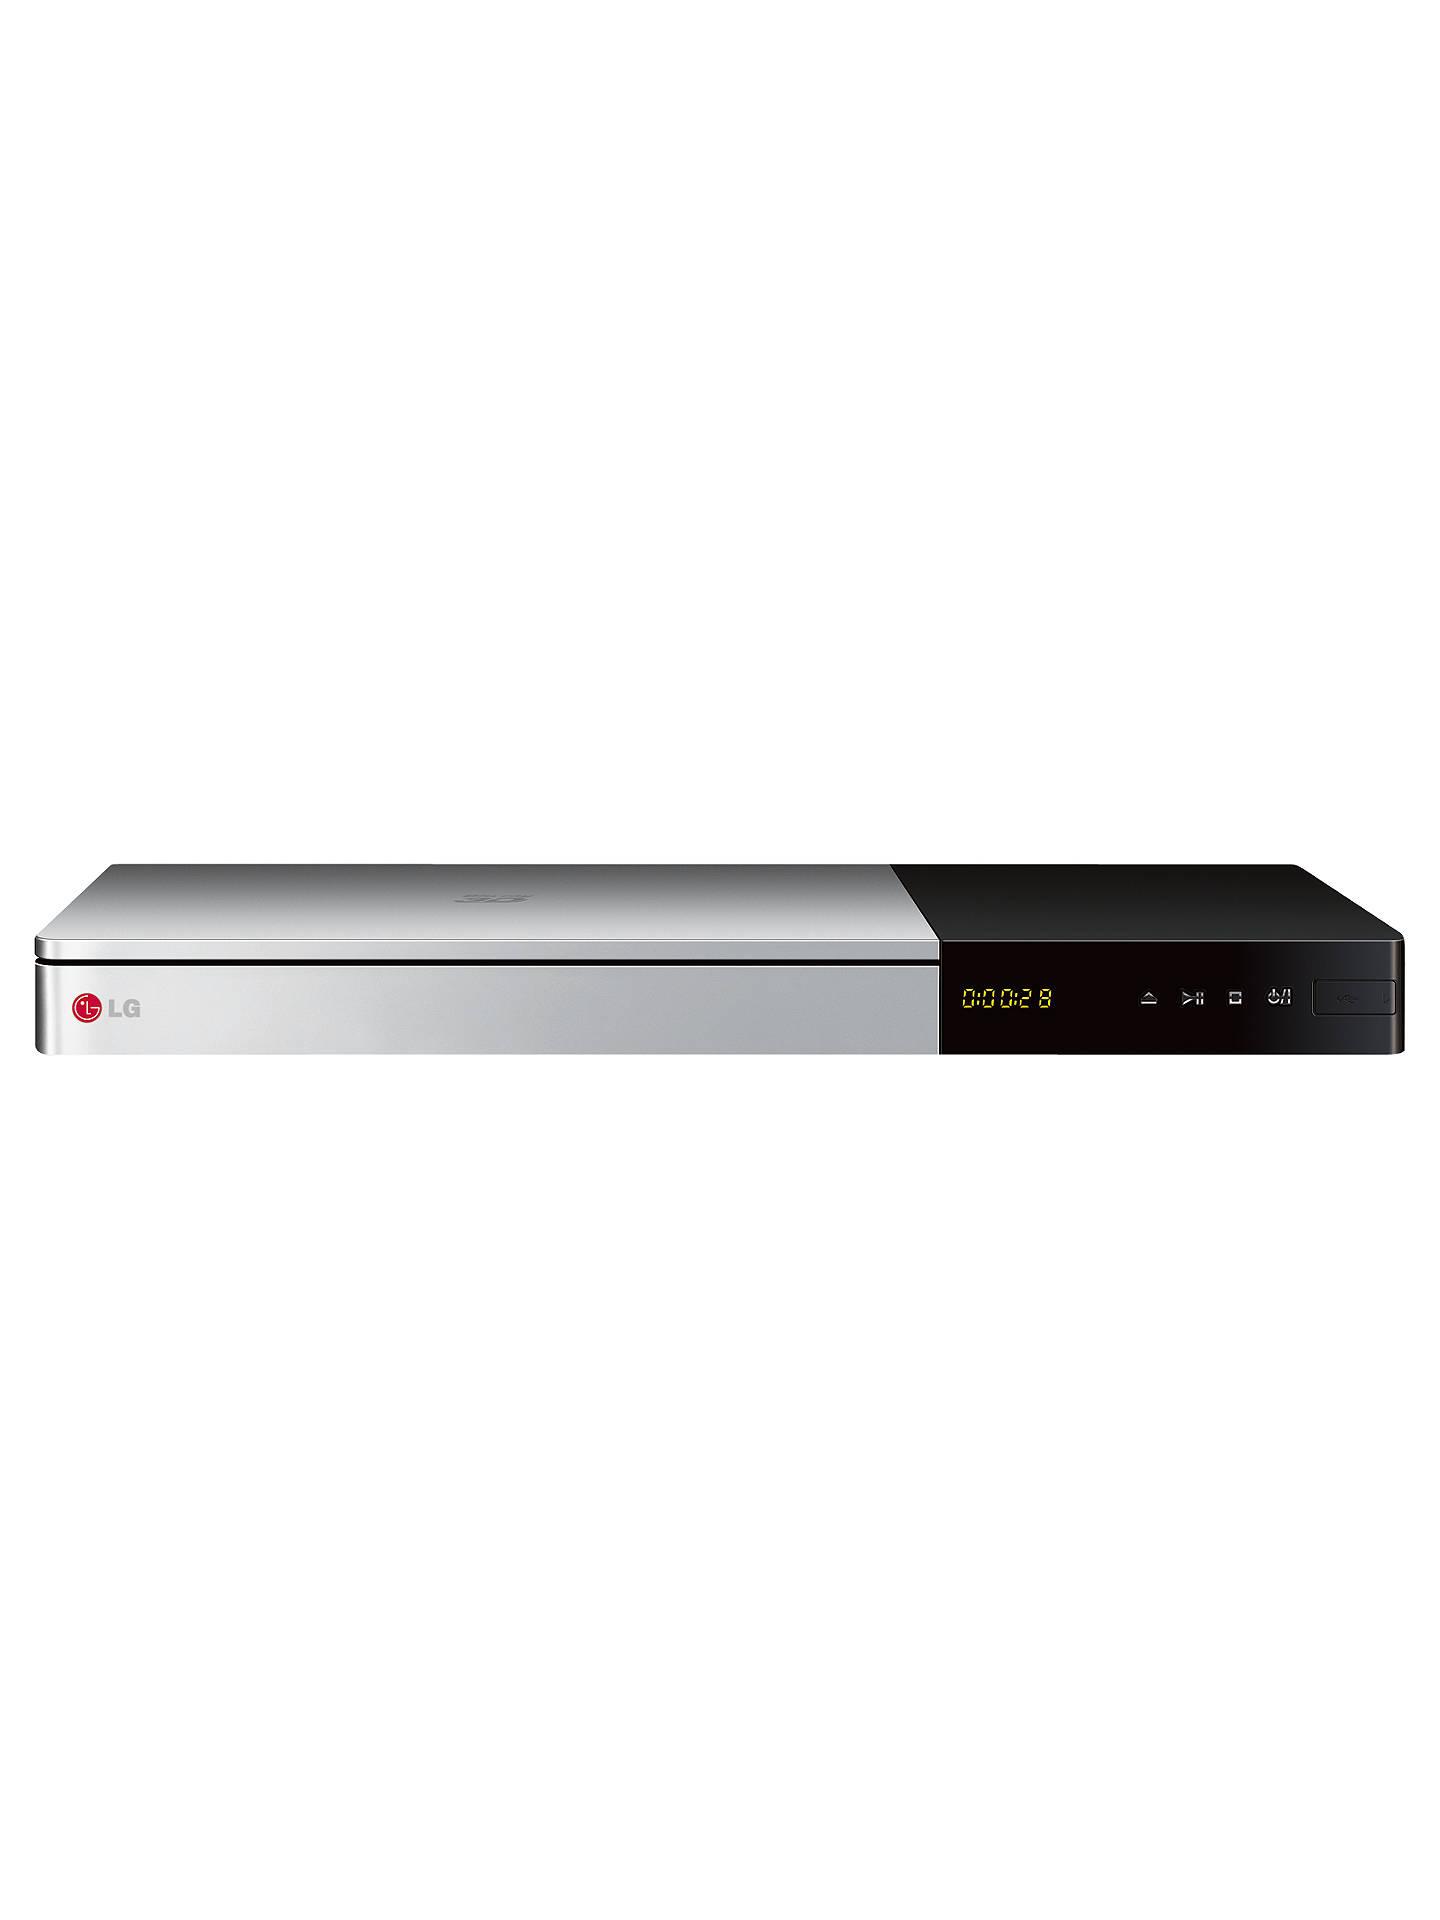 LG BP740 Smart 3D 4K Ultra HD Blu-ray/DVD Player with NFC